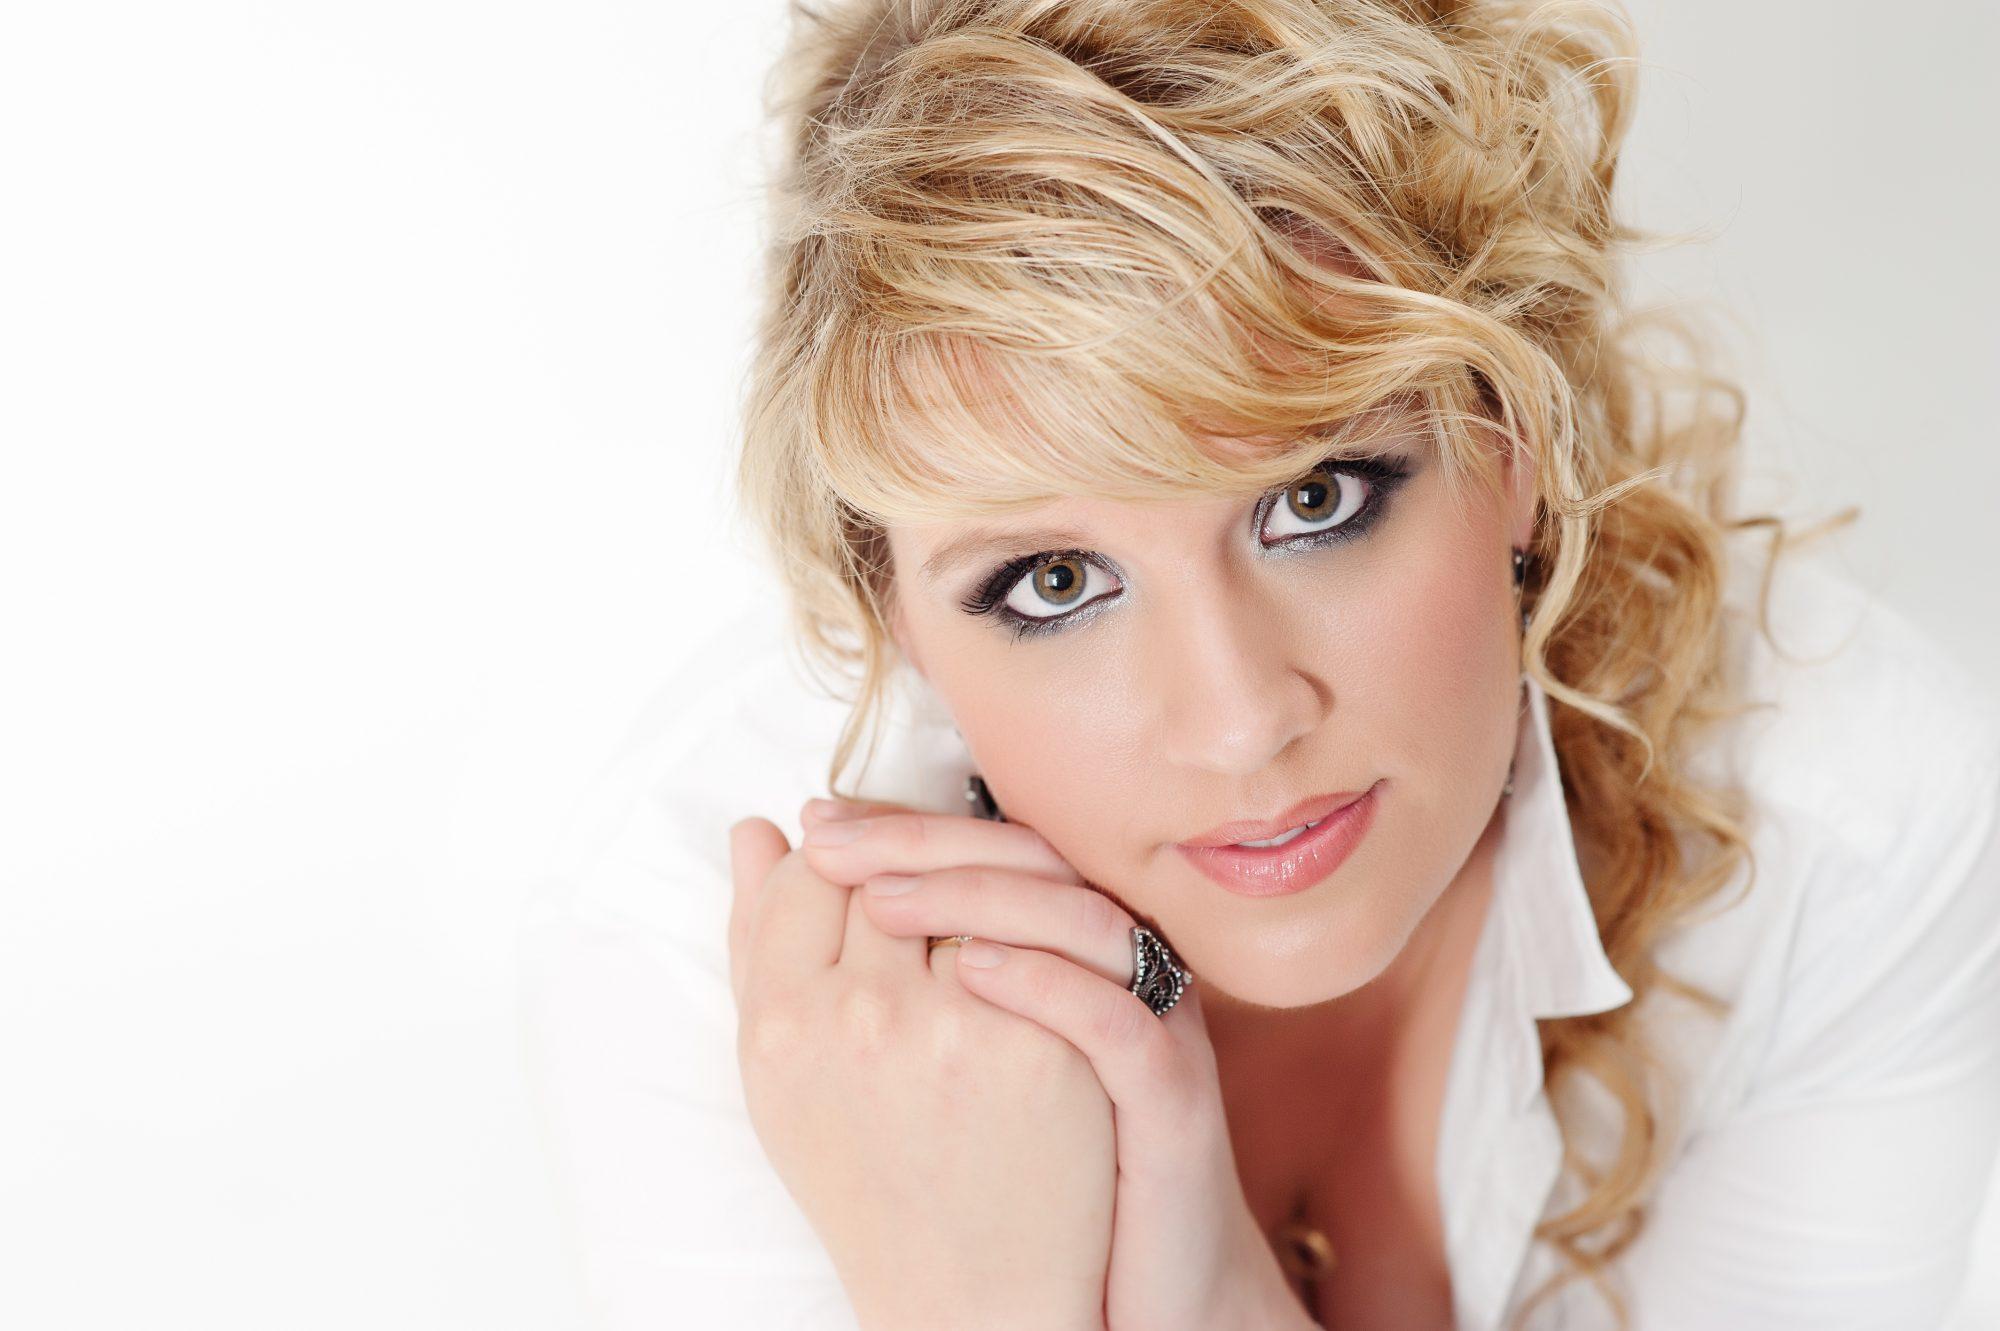 Melbourne beauty headshot portrait photographer CindyLee